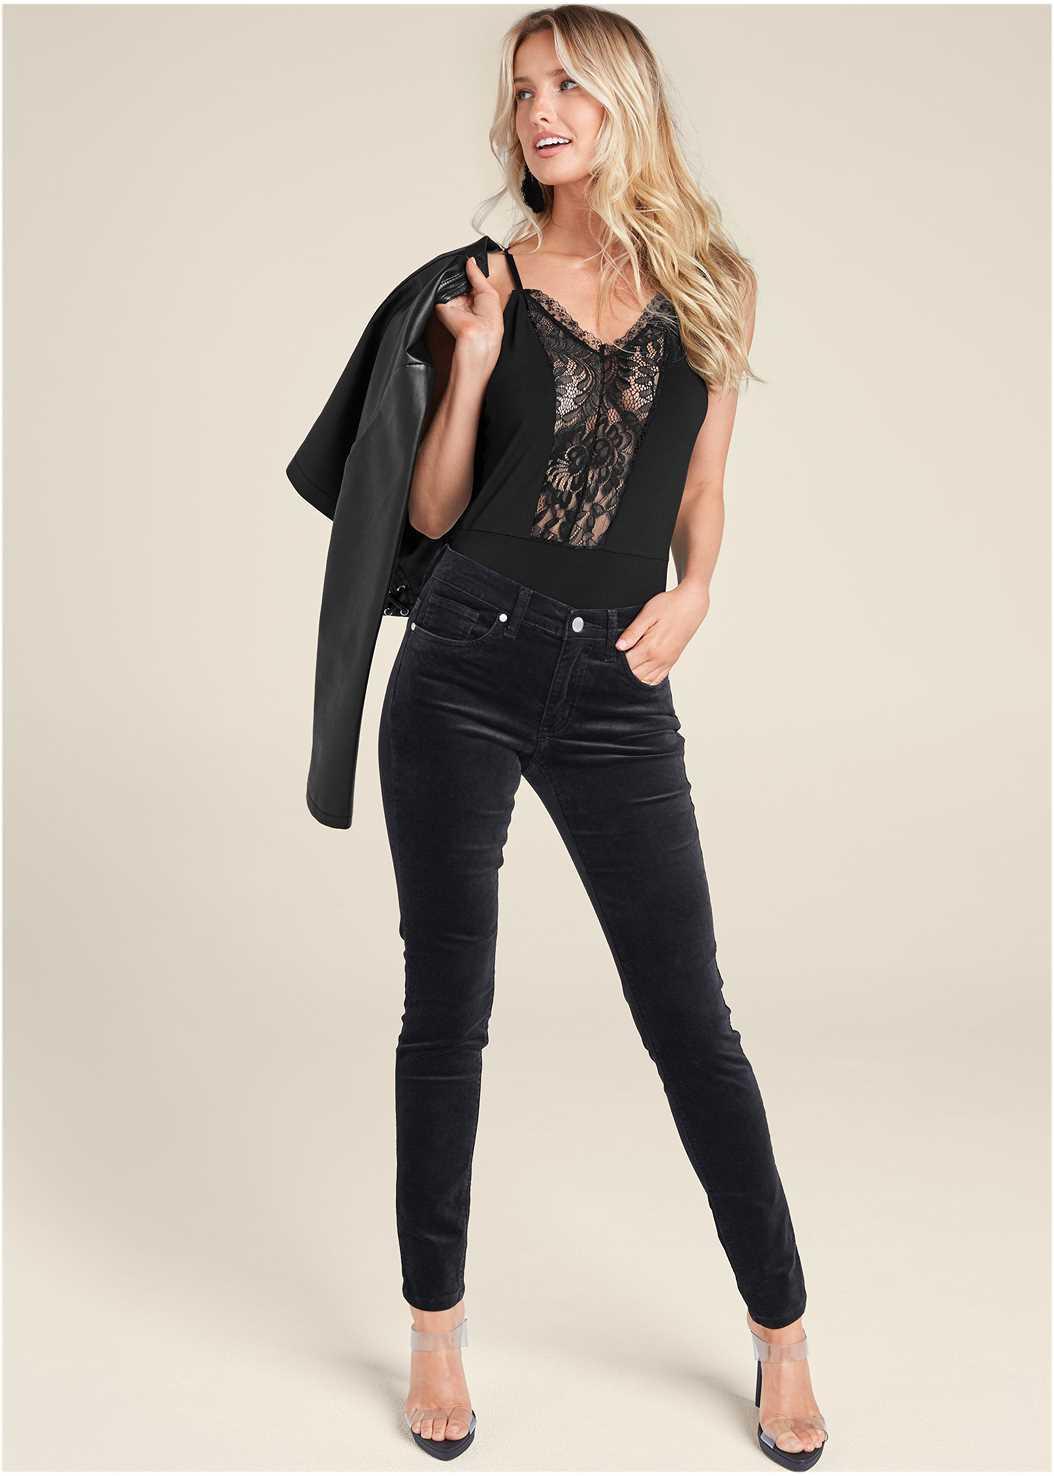 Velvet Pants,Lucite Strap Heels,Beaded Tassel Earrings